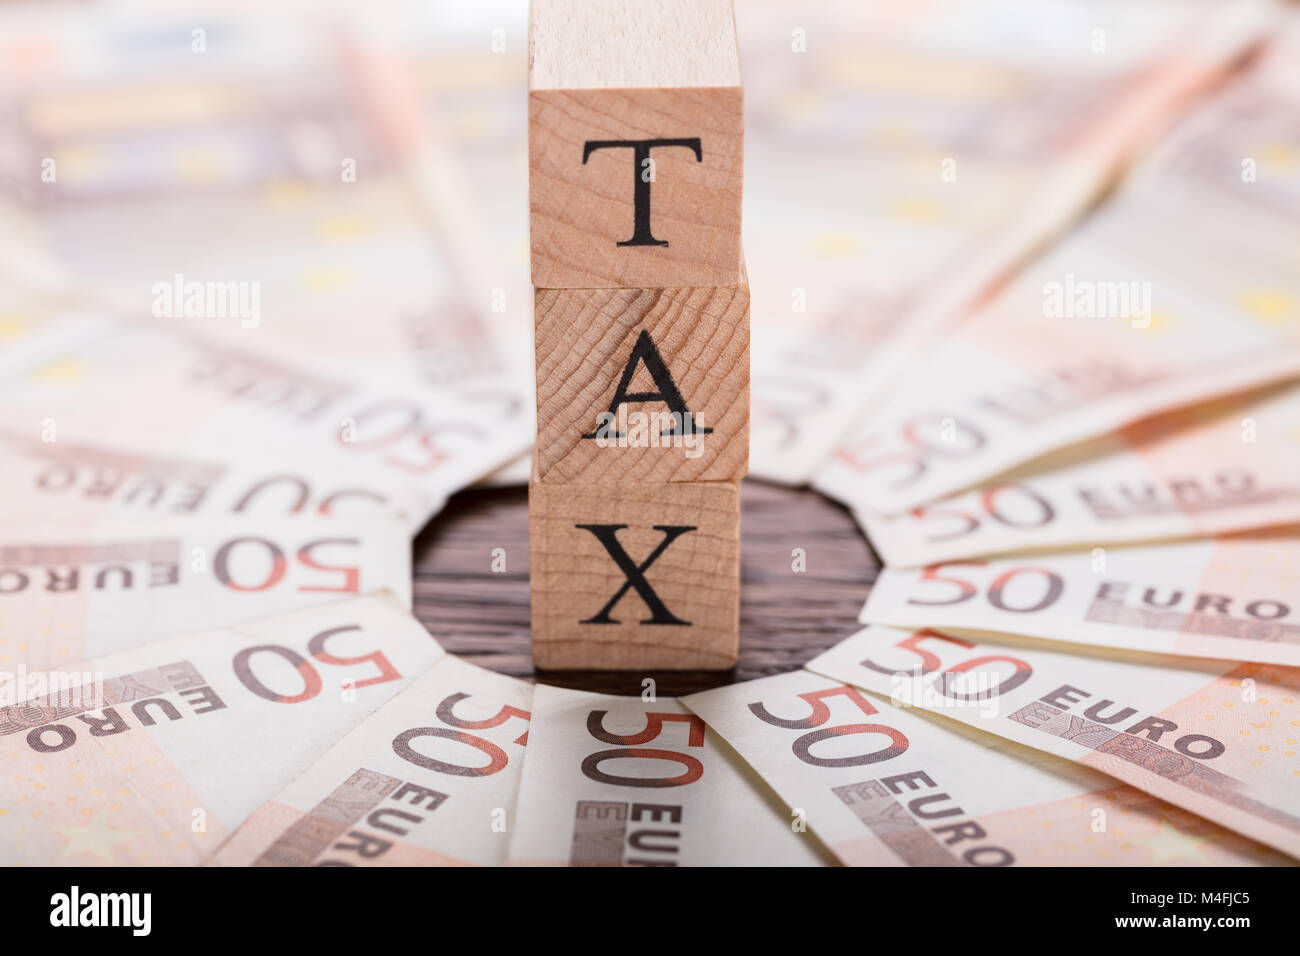 Steuerkonzept mit Euro-banknoten auf hölzernen Schreibtisch Stockfoto